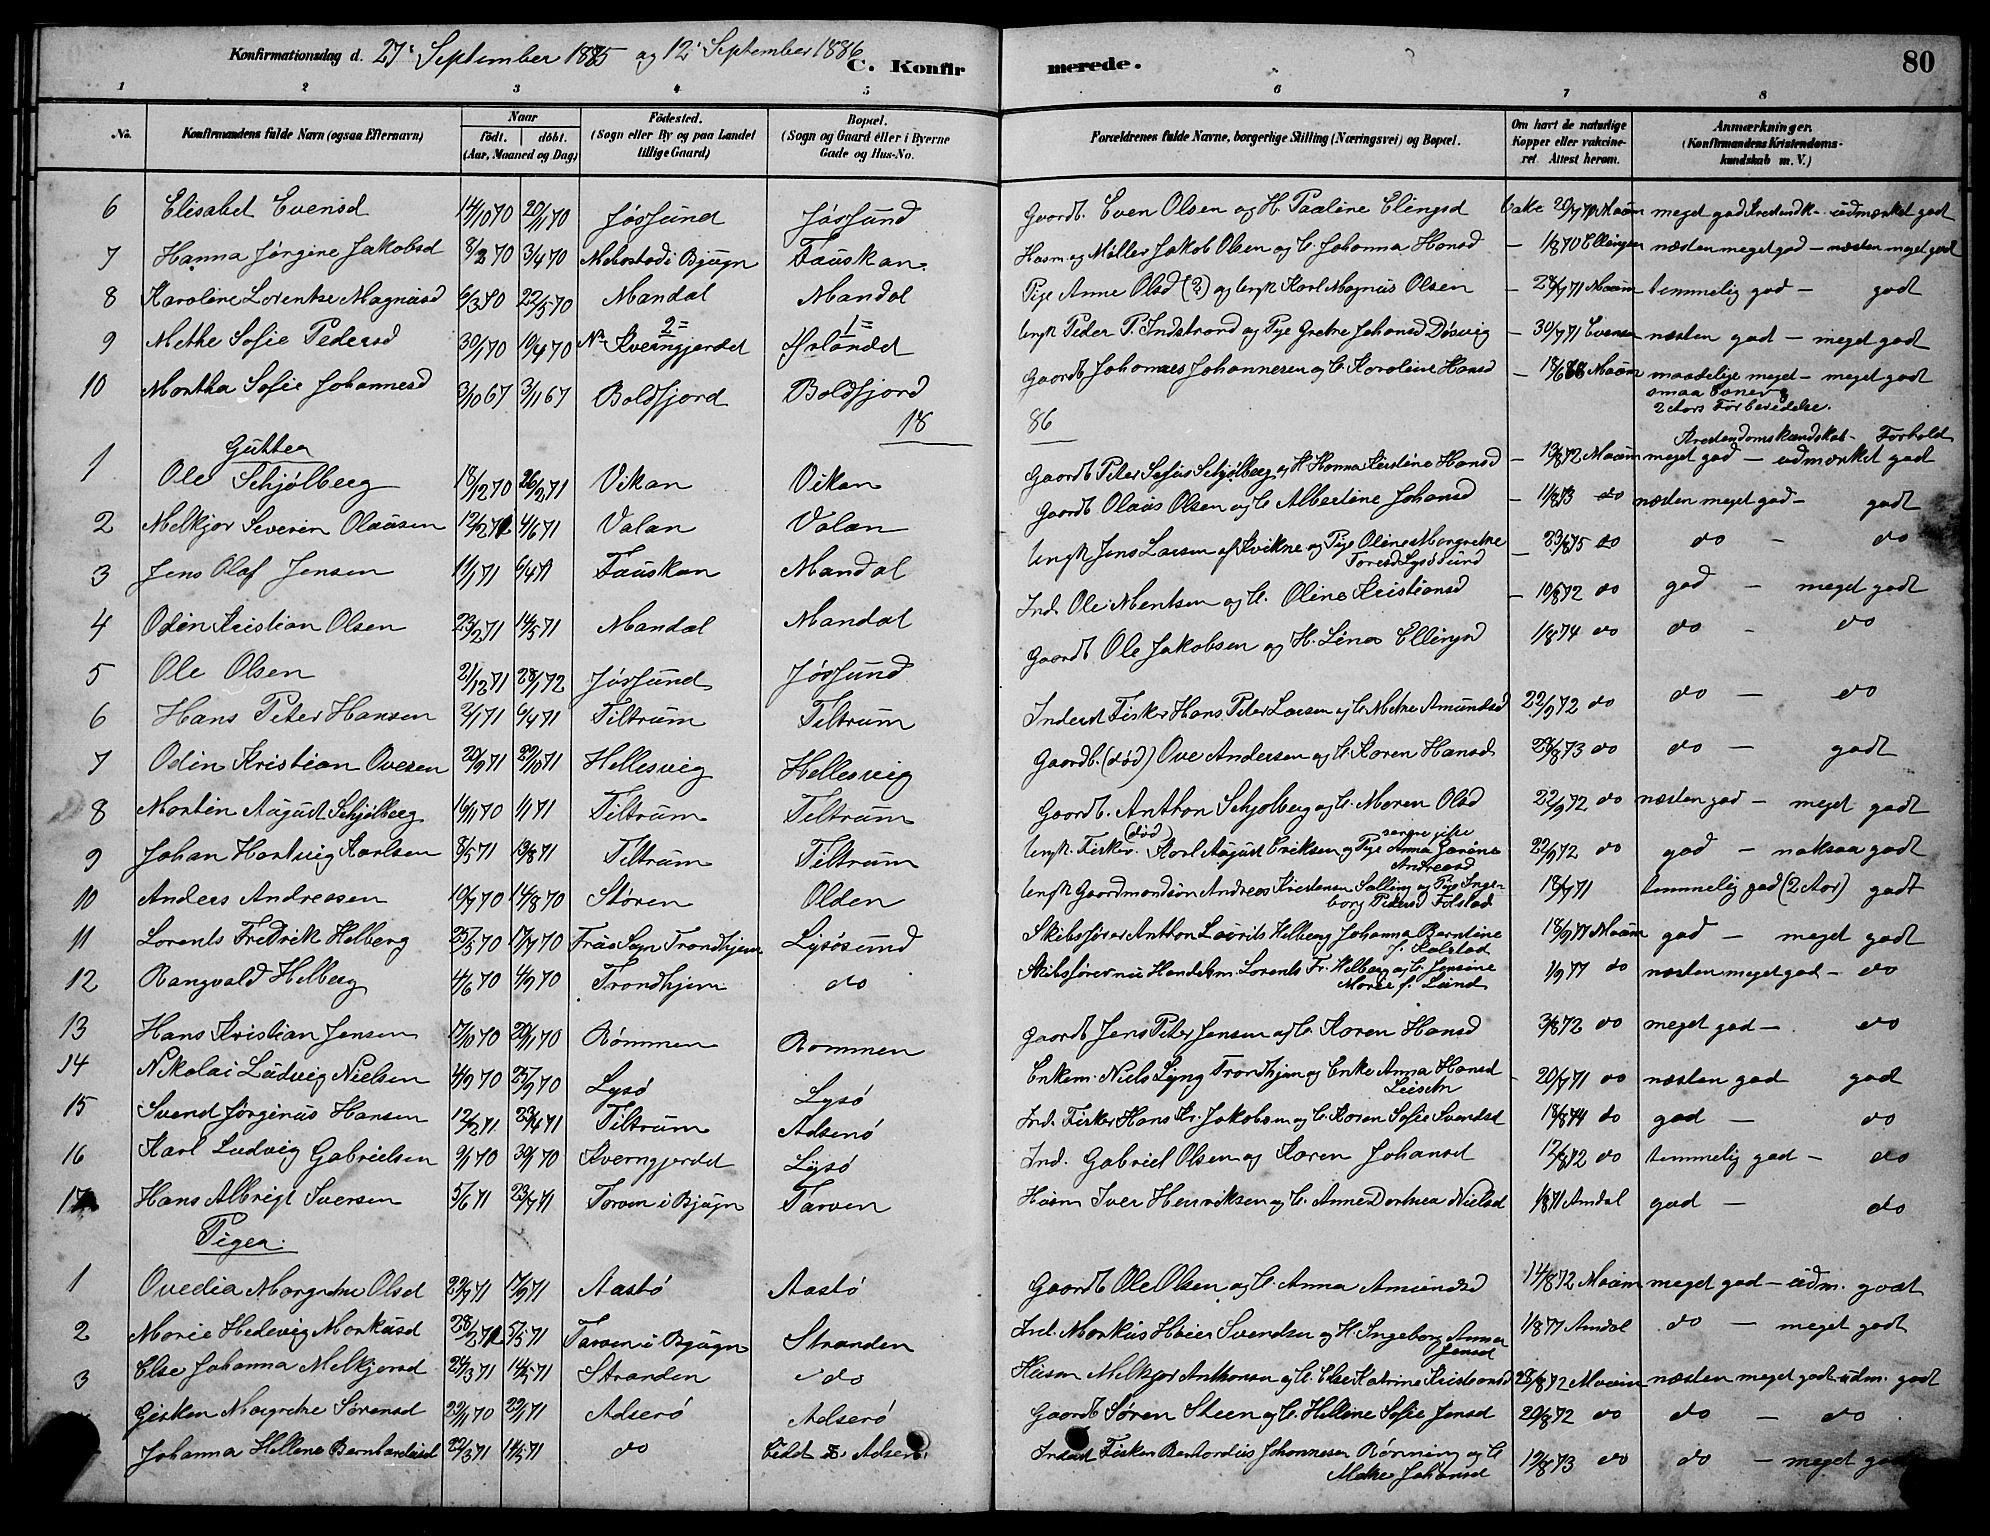 SAT, Ministerialprotokoller, klokkerbøker og fødselsregistre - Sør-Trøndelag, 654/L0665: Klokkerbok nr. 654C01, 1879-1901, s. 80